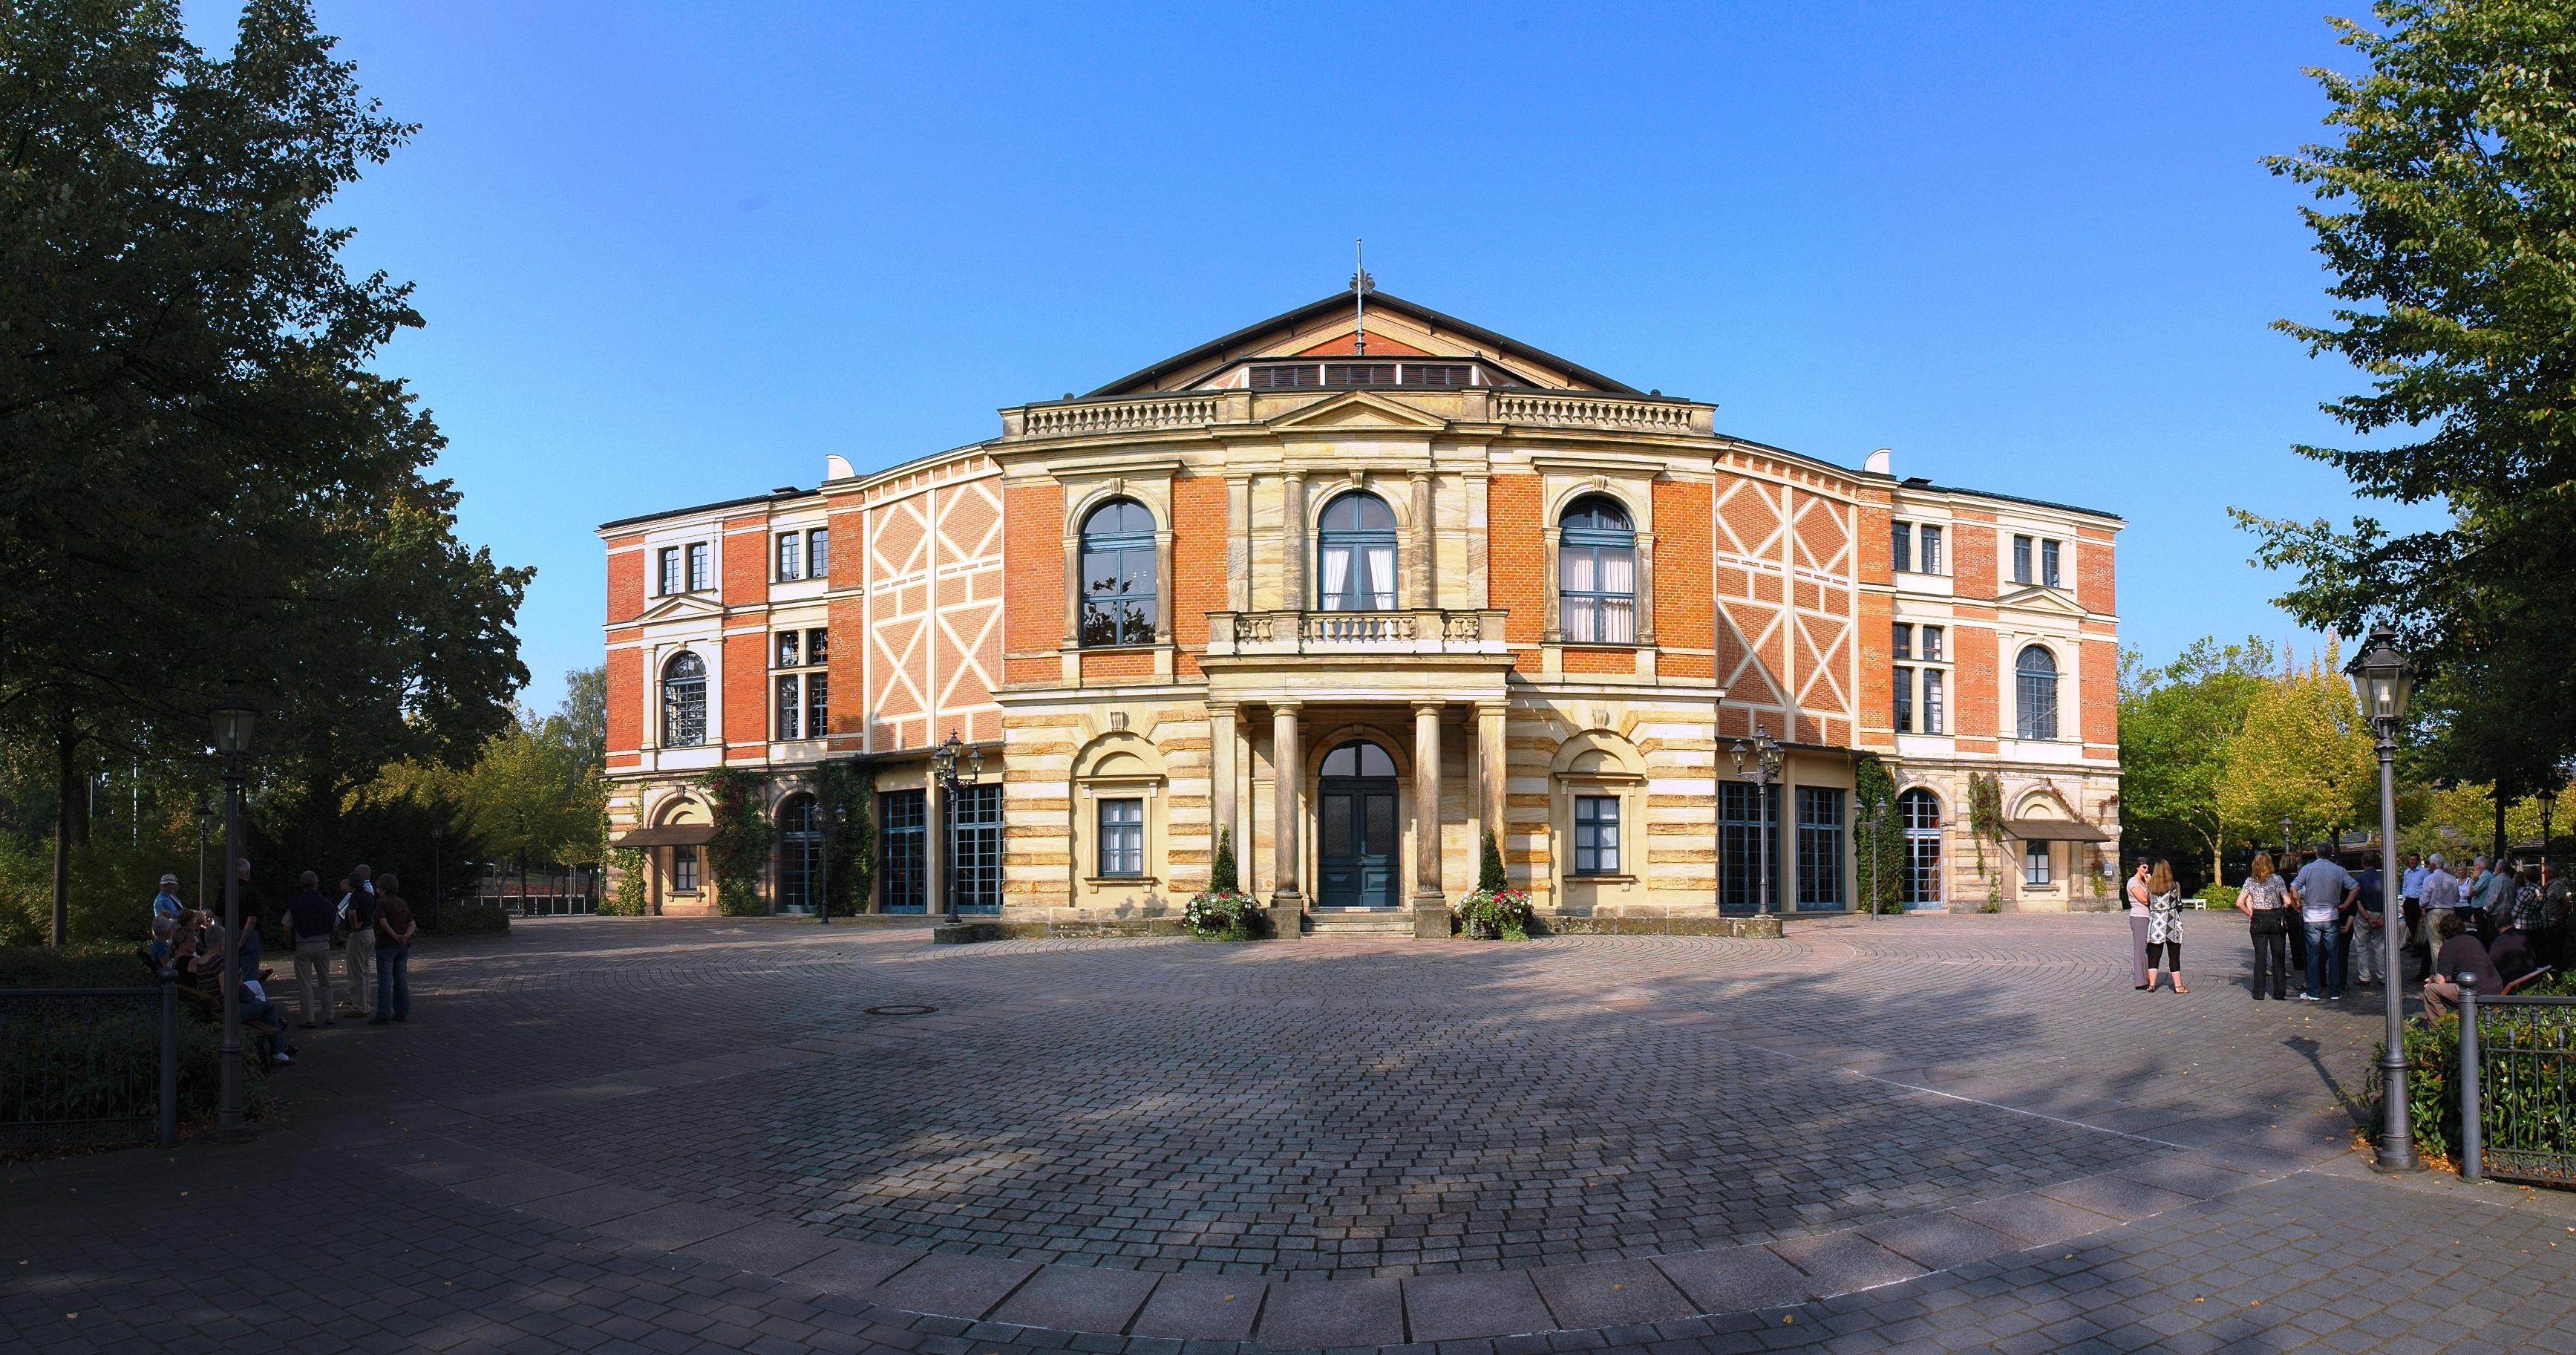 Wagner diseñó el Festspielhaus de Bayreuth con el objetivo de representar sus óperas.